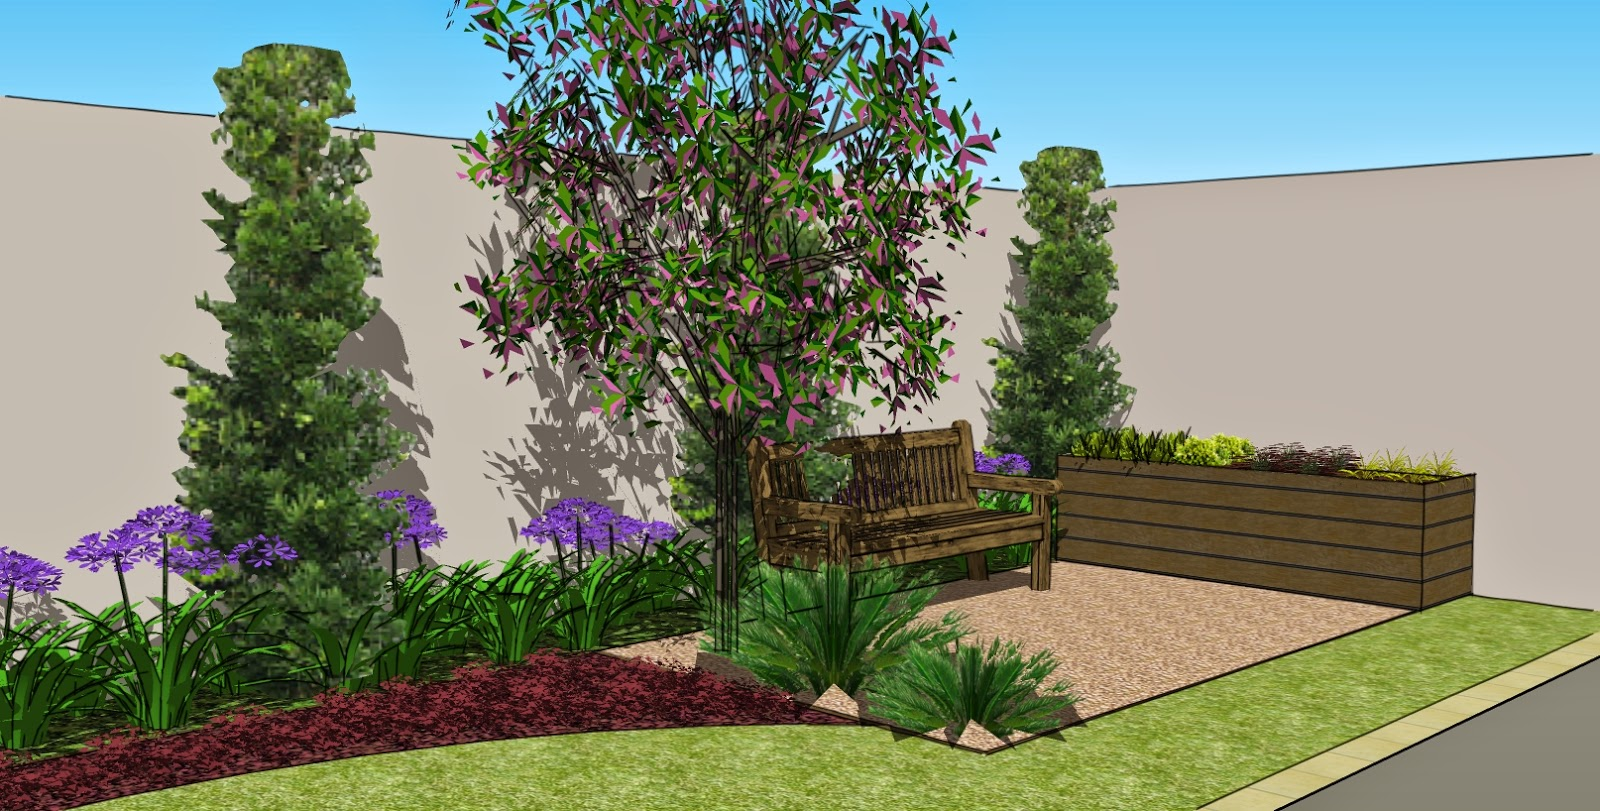 jardim quintal fundos:Uma linha de jardim mais clássico, com plantas como agapanthus, cycas